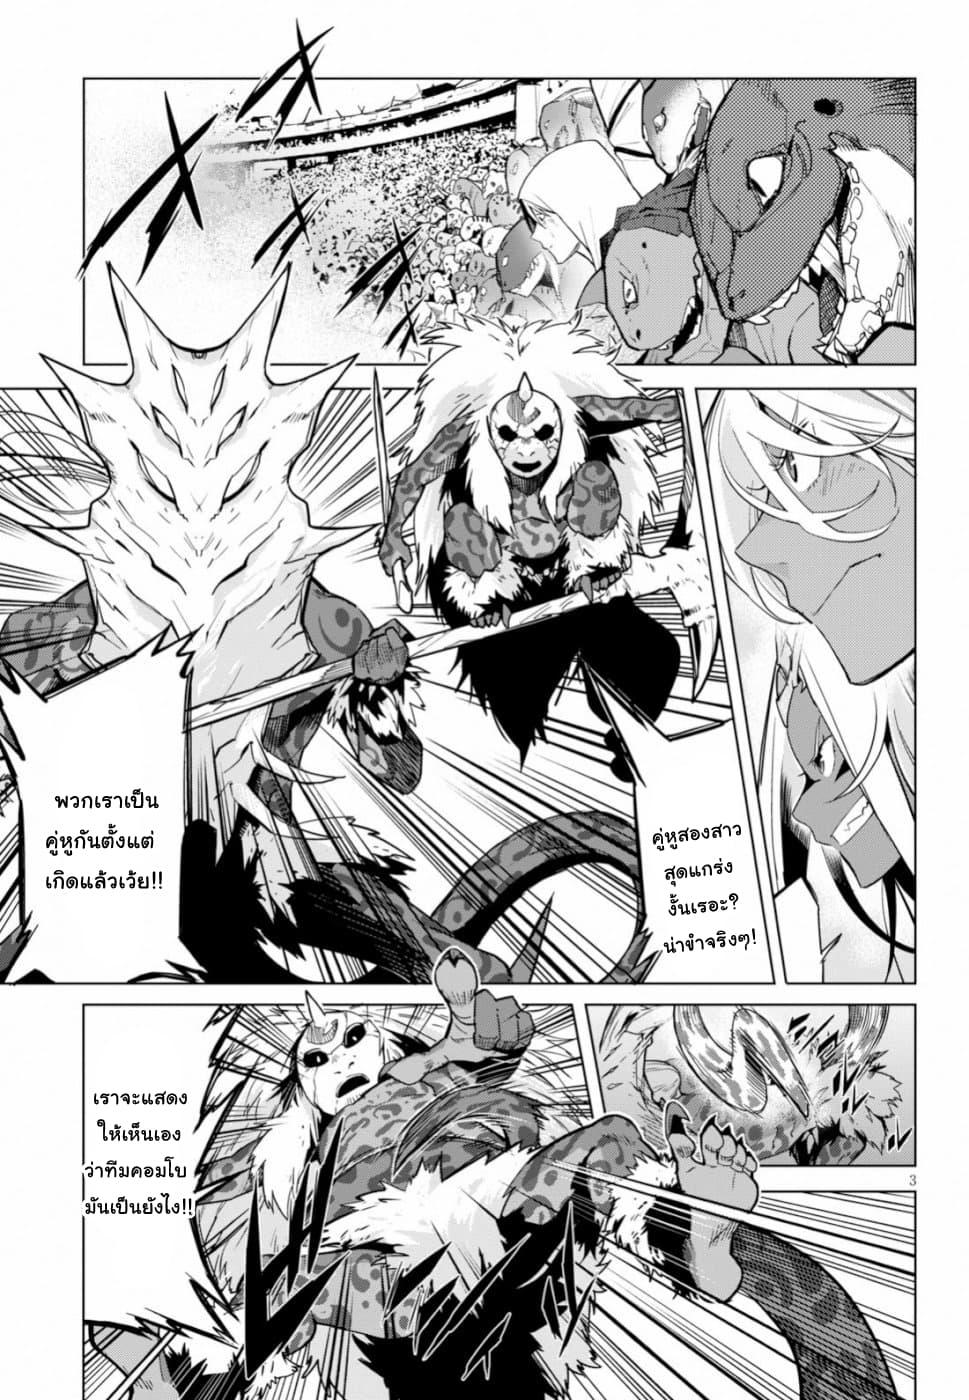 อ่านการ์ตูน Game obu Familia - Family Senki ตอนที่ 15 หน้าที่ 3